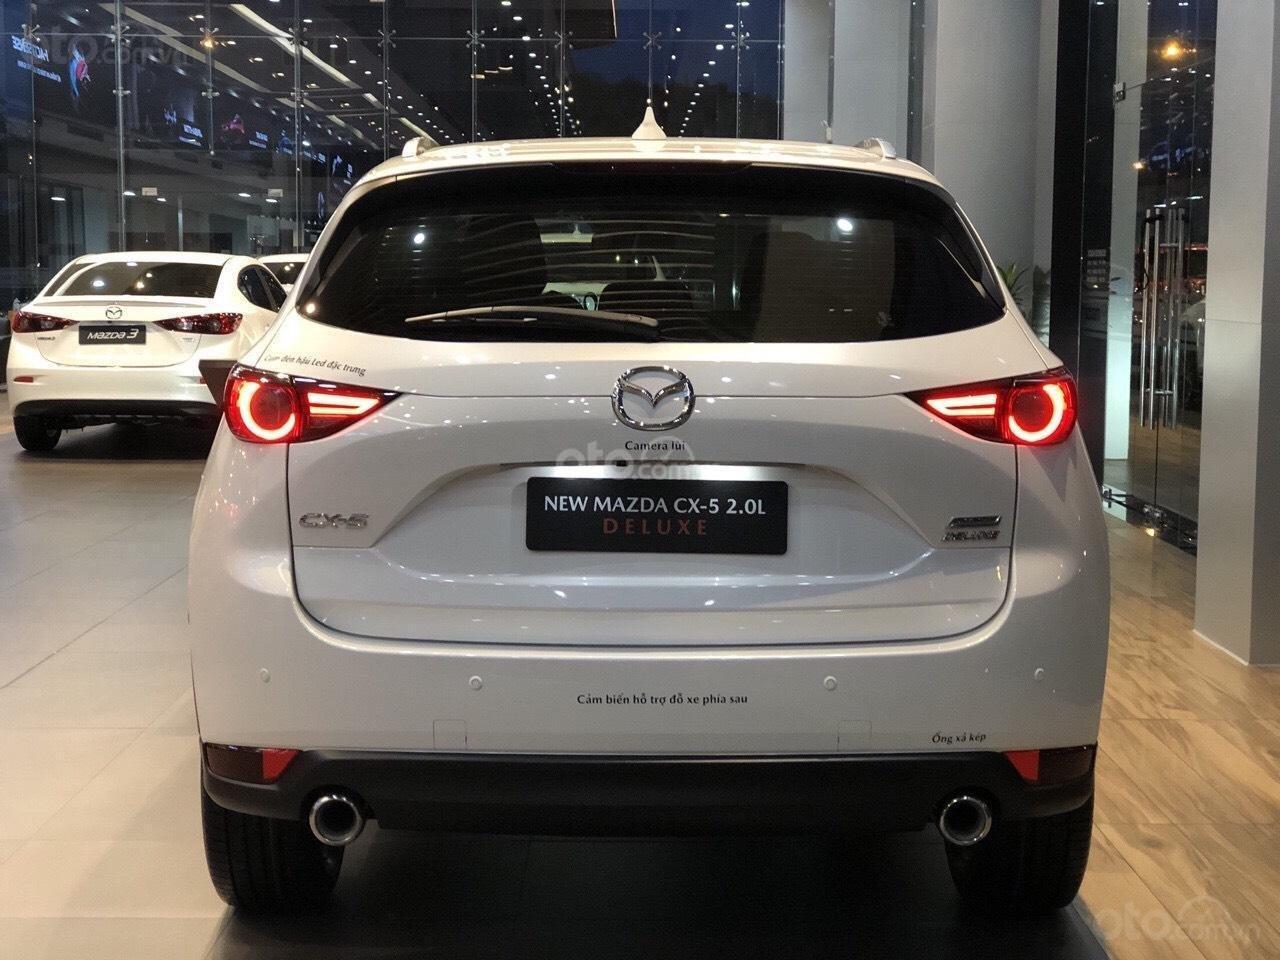 [Cực hot]: Ưu đãi new Mazda CX-5 từ 80tr + quà tặng - giao xe ngay - hỗ trợ trả góp cực ngầu (5)